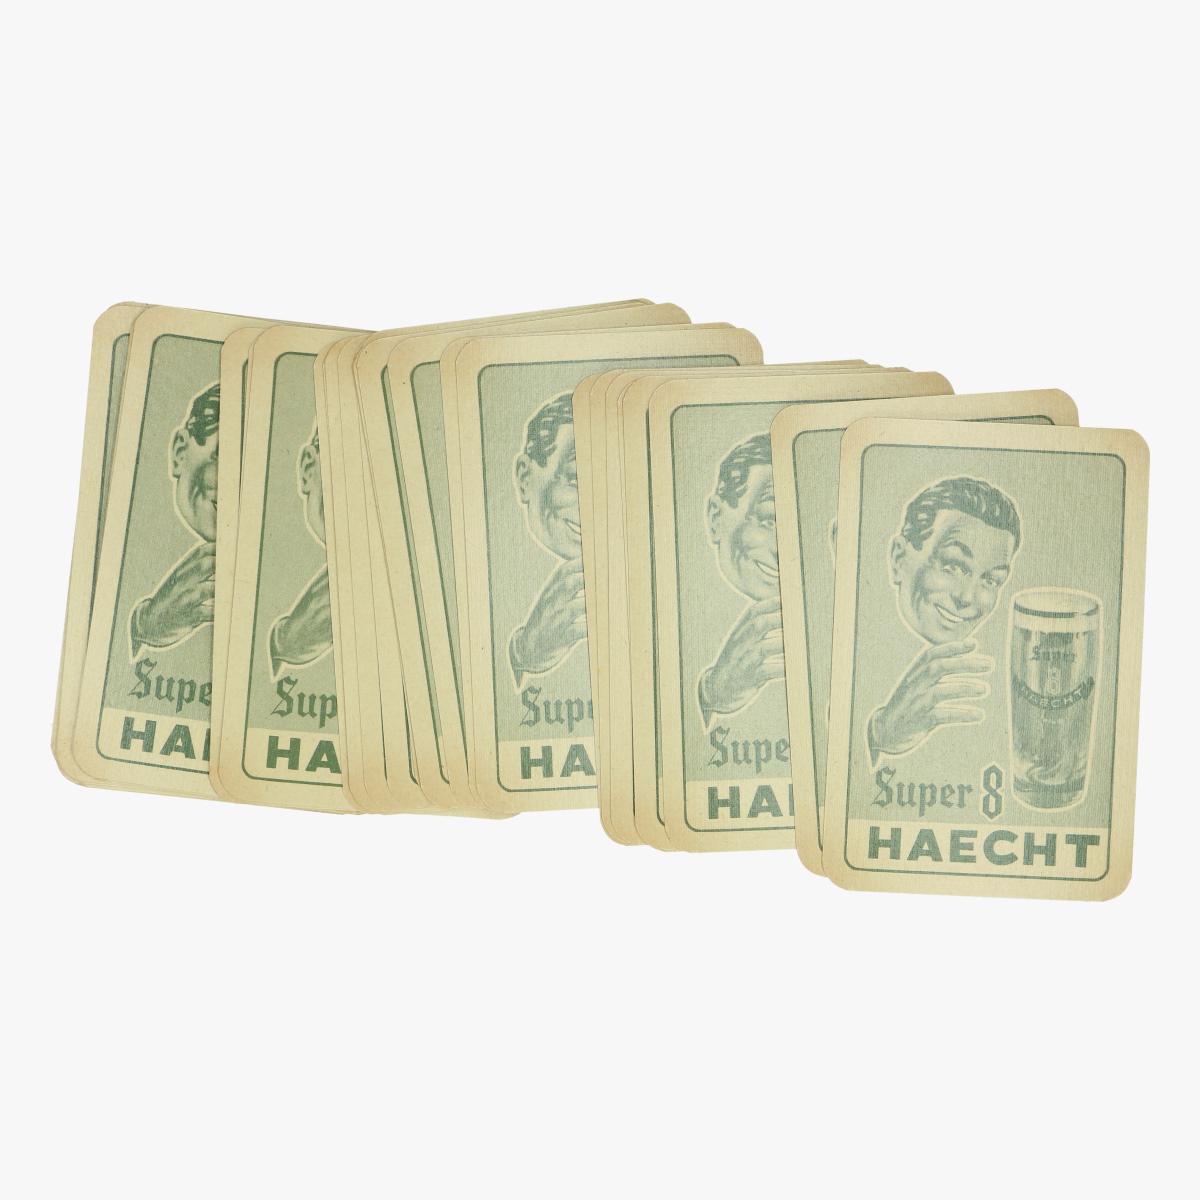 Afbeeldingen van oude speelkaarten super 8  haecht bier